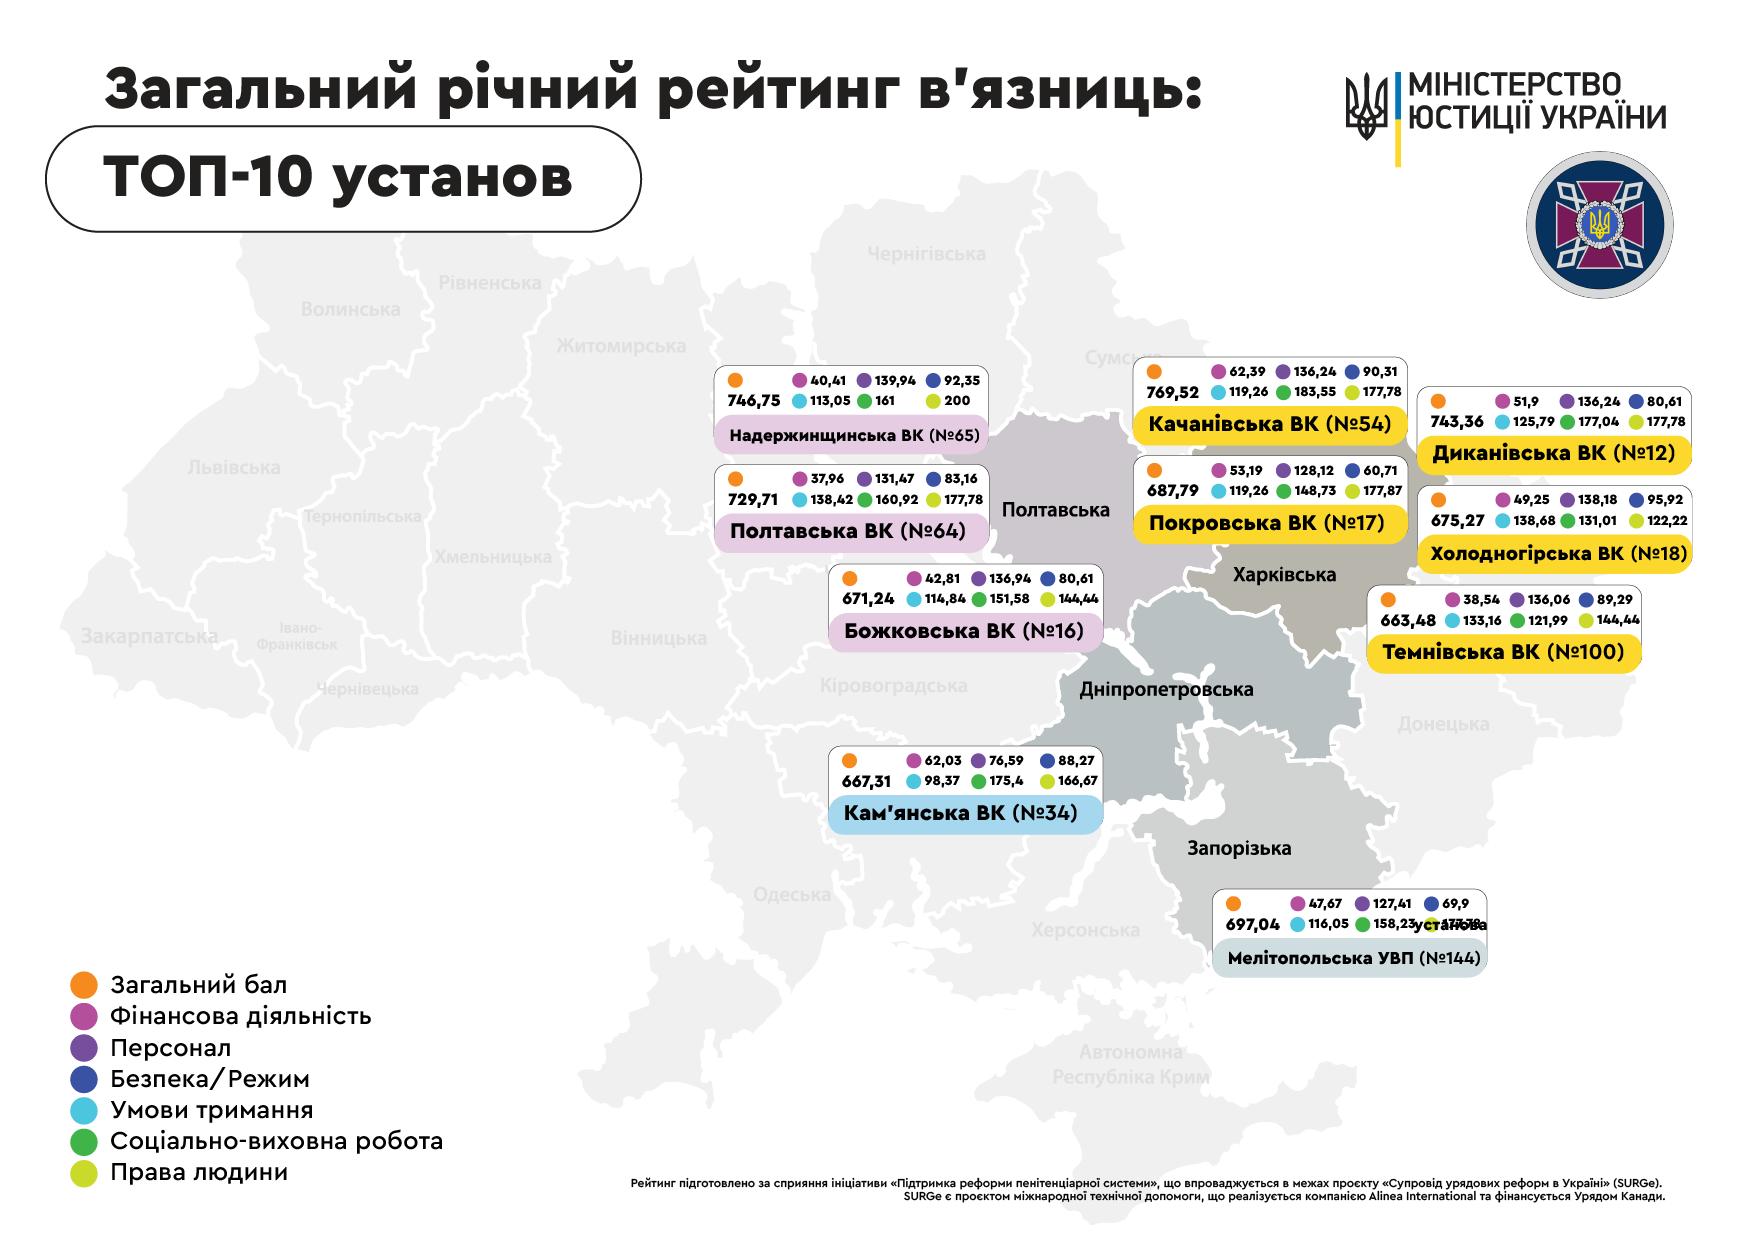 Инфоргафика по итогам 2021 года ТОП-10 лучших тюрем Украины/ фото: пресс-служба Министерства юстиции Украины